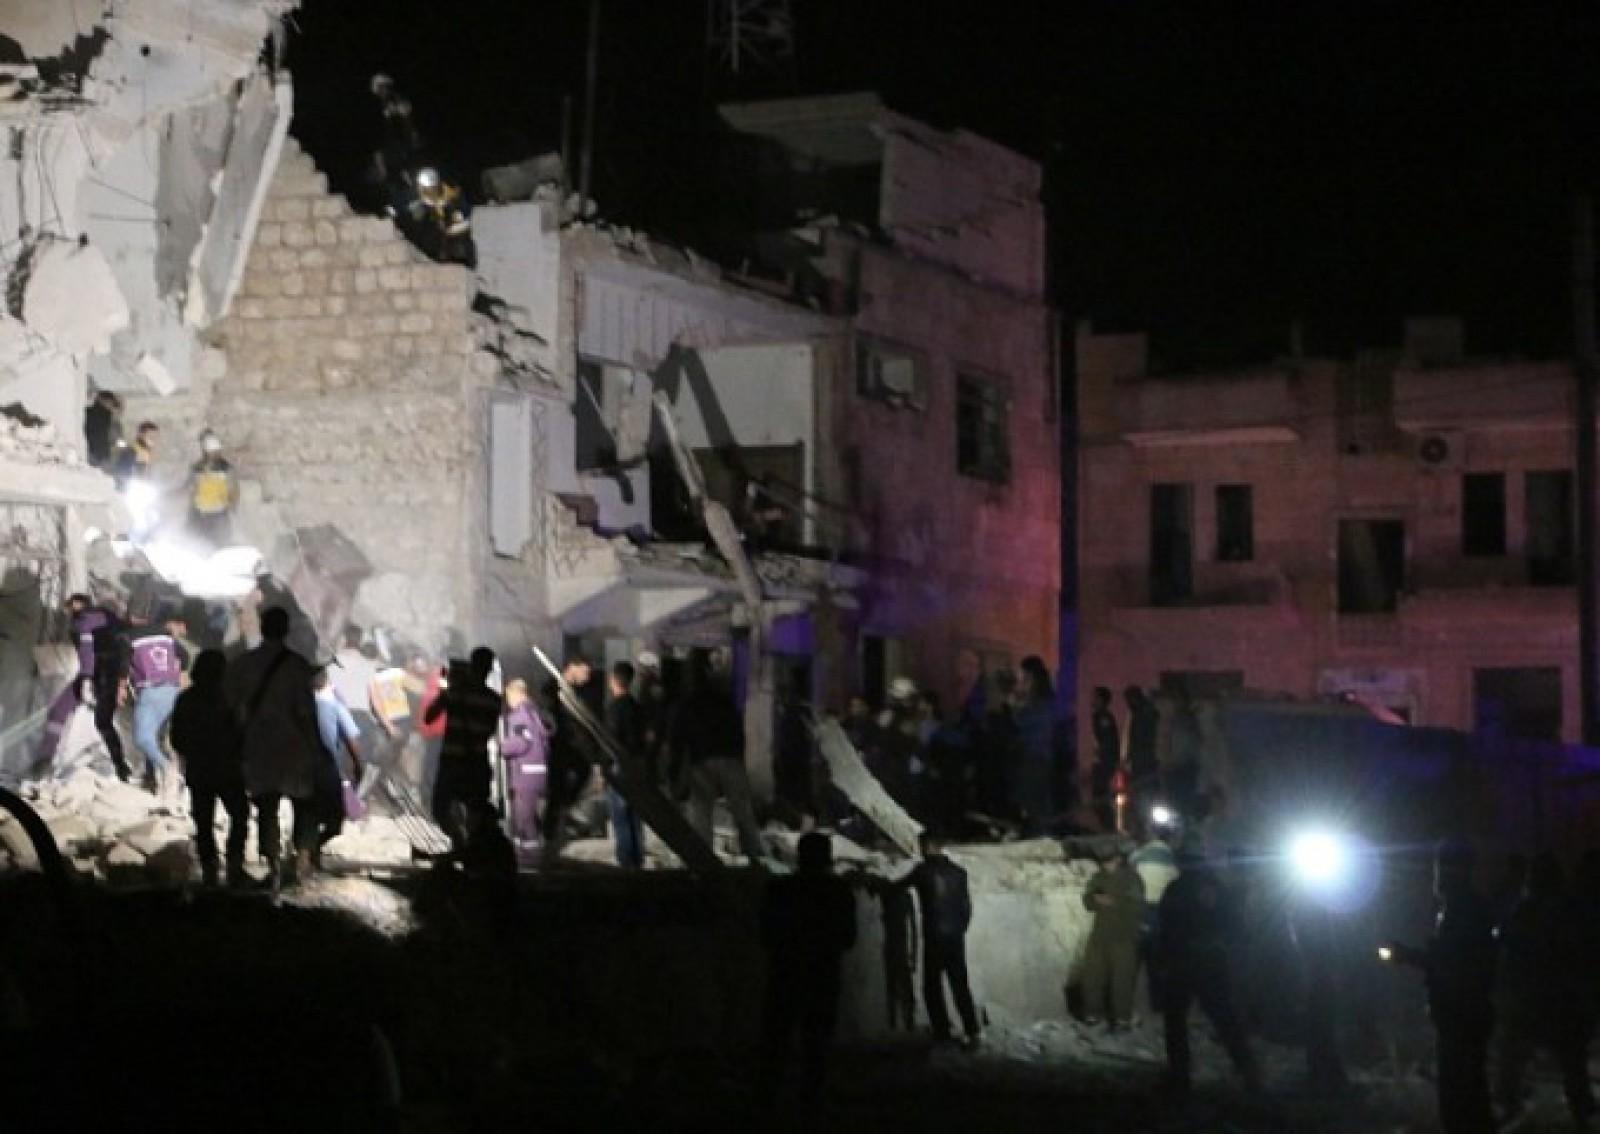 Explozie cu 9 morți și 26 de răniți, în Siria. Originea deflagrației este necunoscută